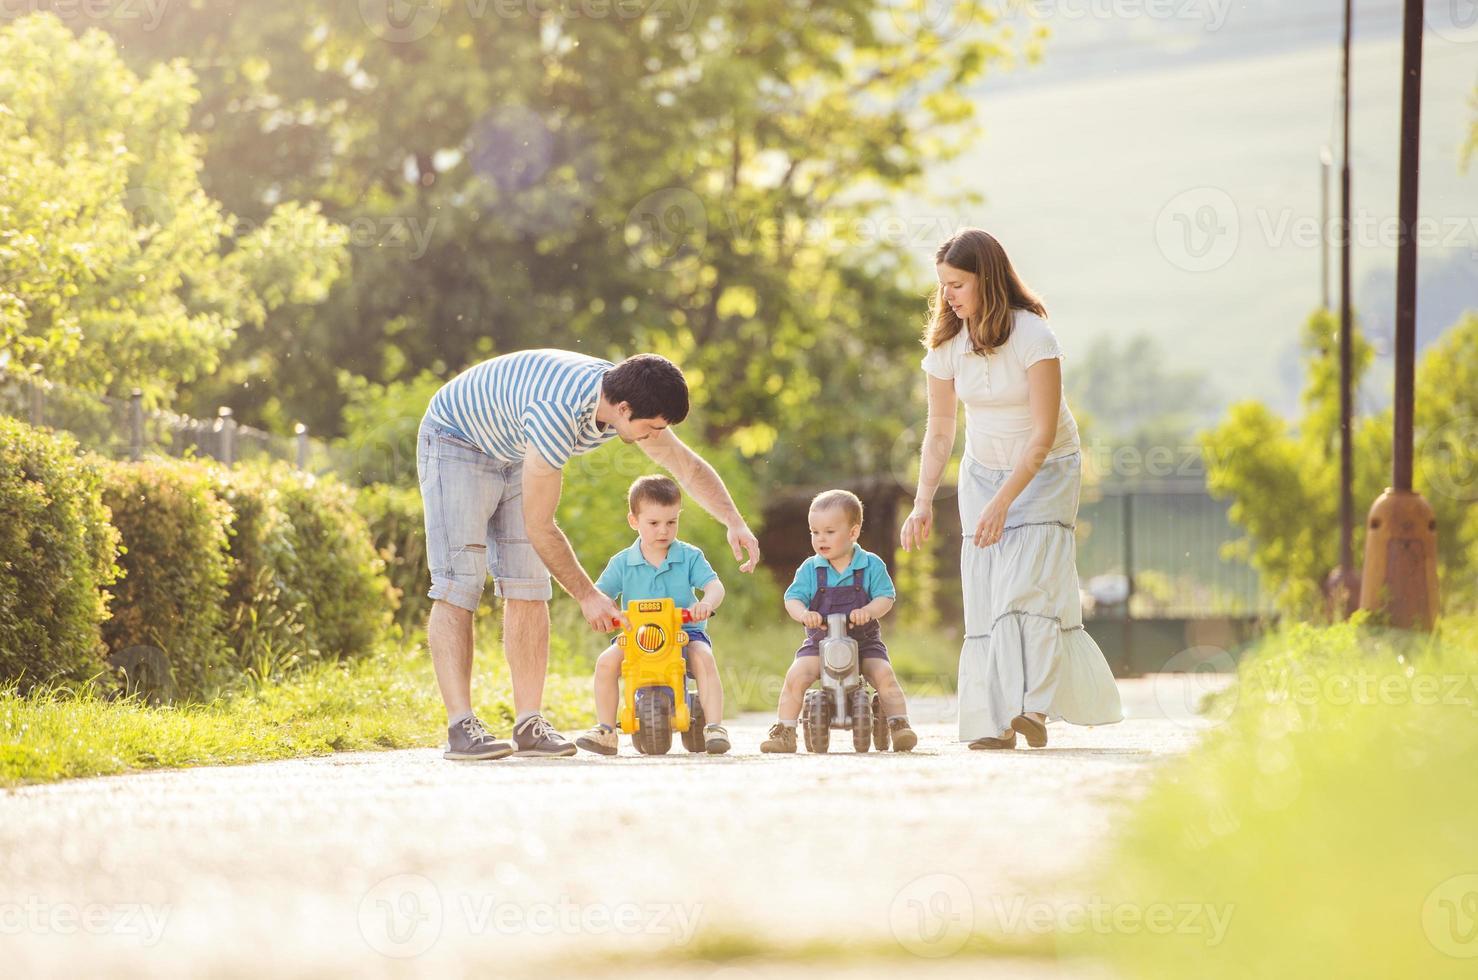 glückliche Familie ist entspannend foto